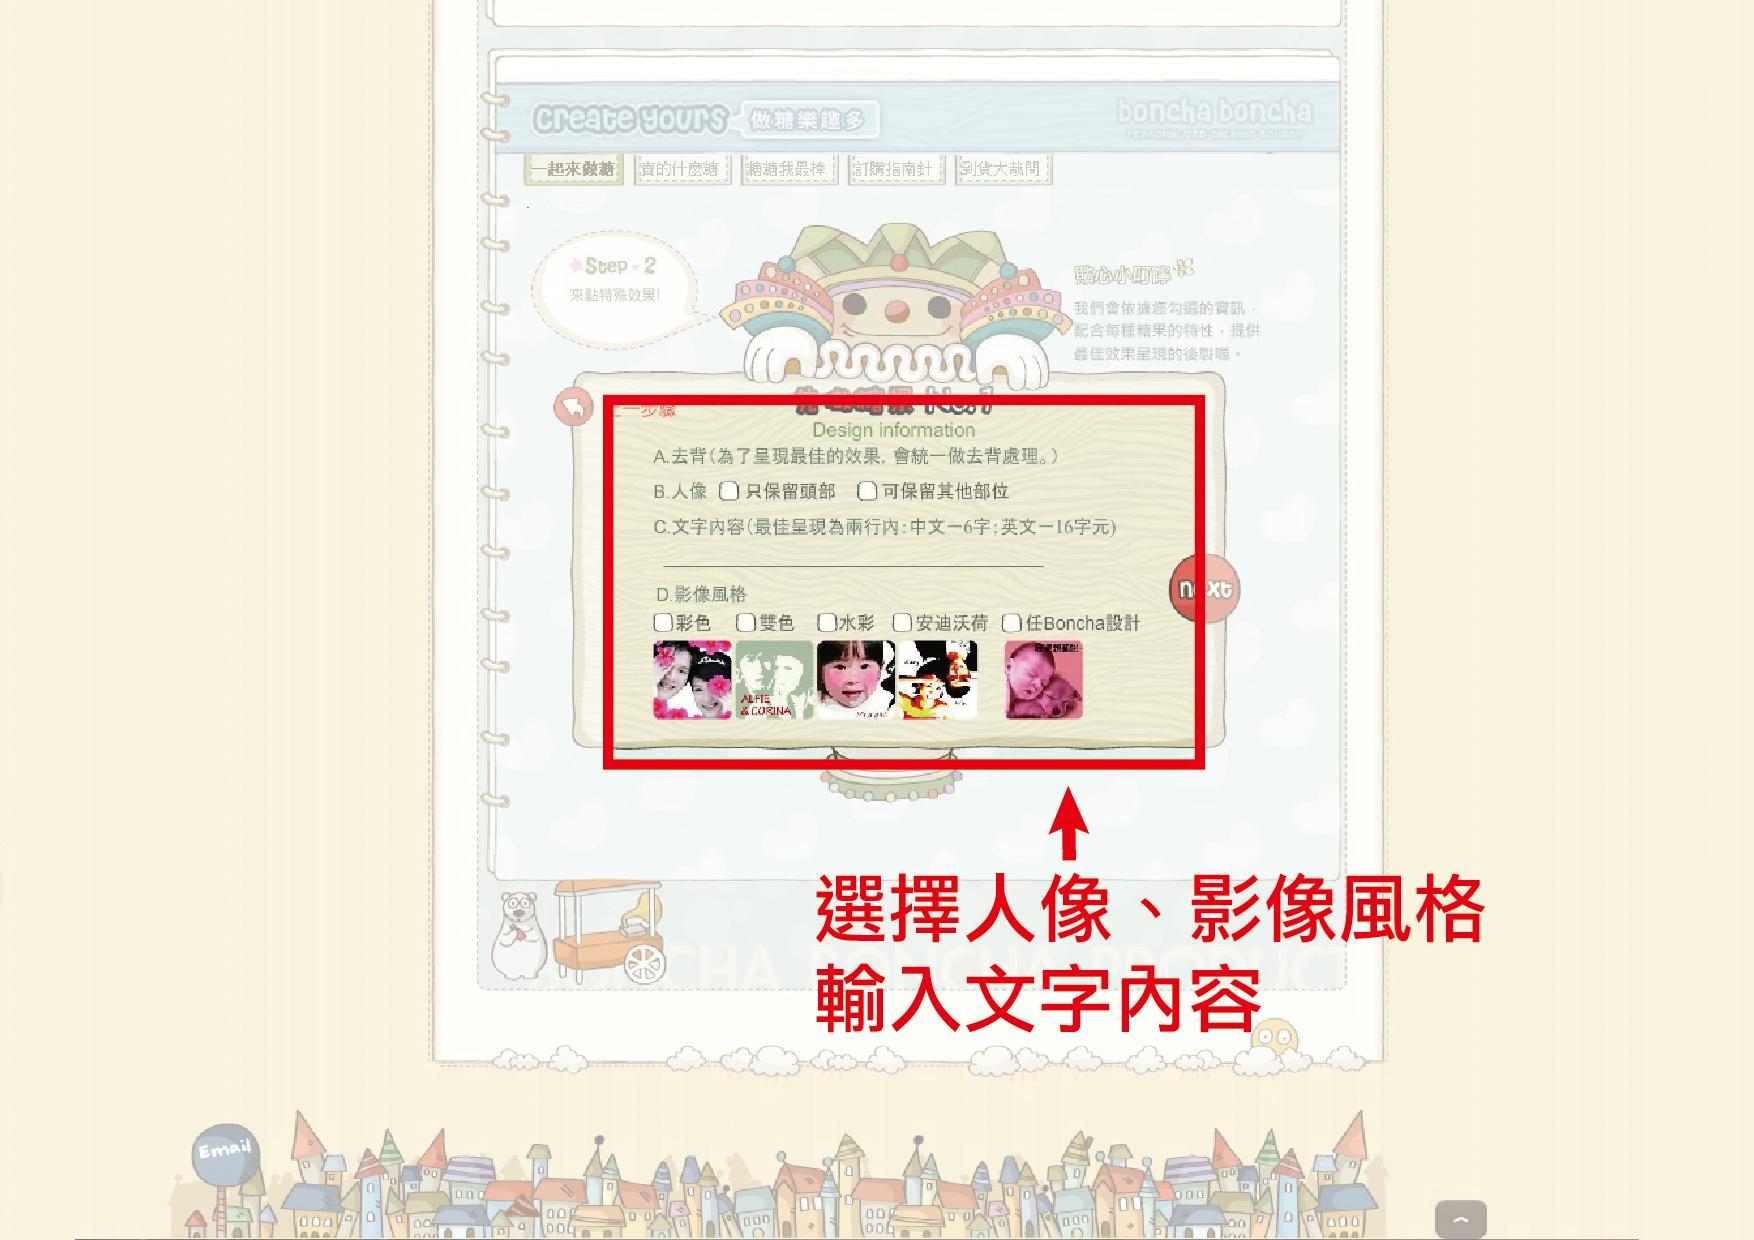 線上訂購指南-6.jpg